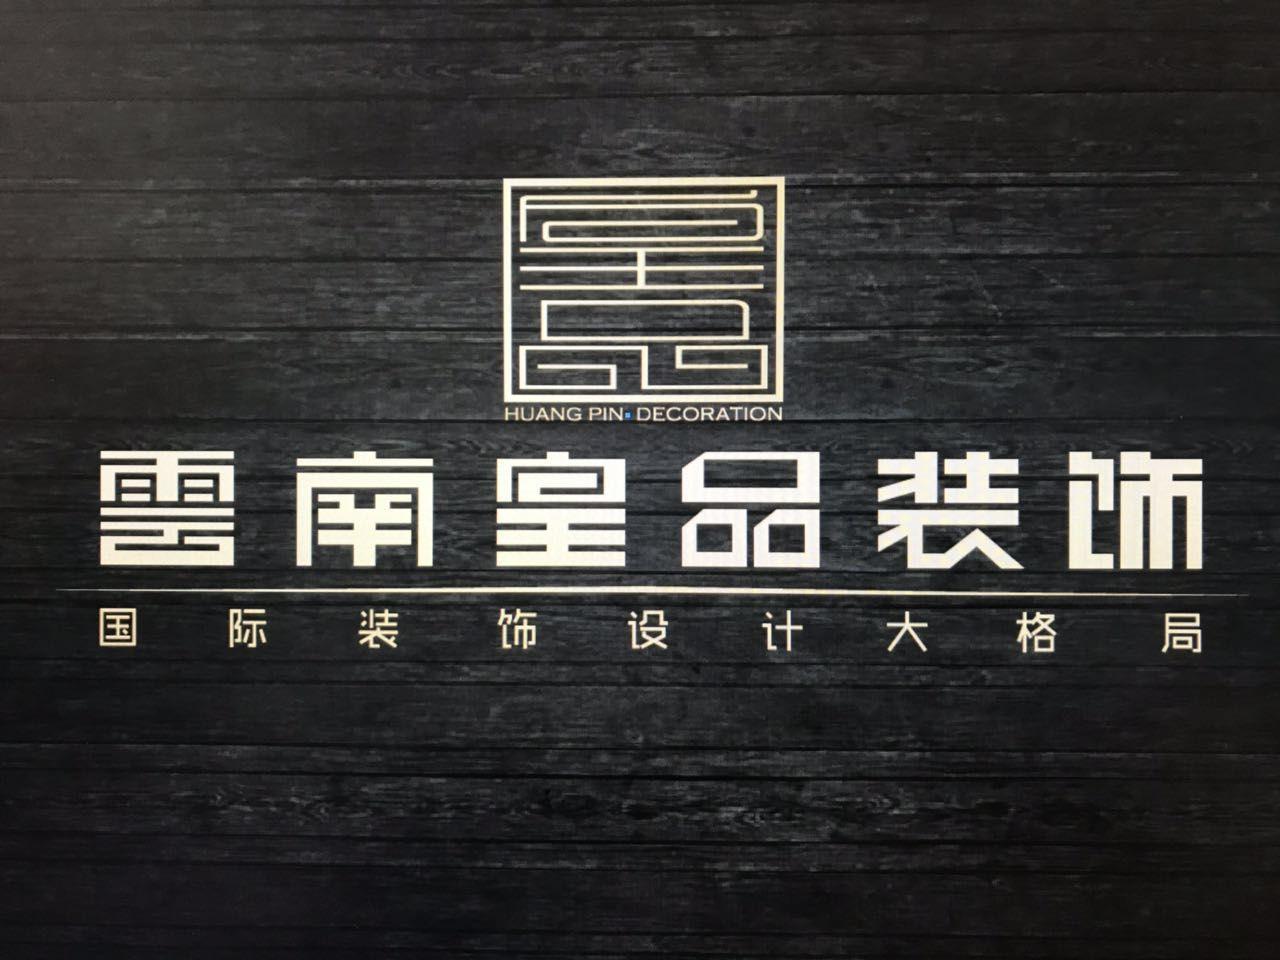 云南皇品装饰工程有限公司